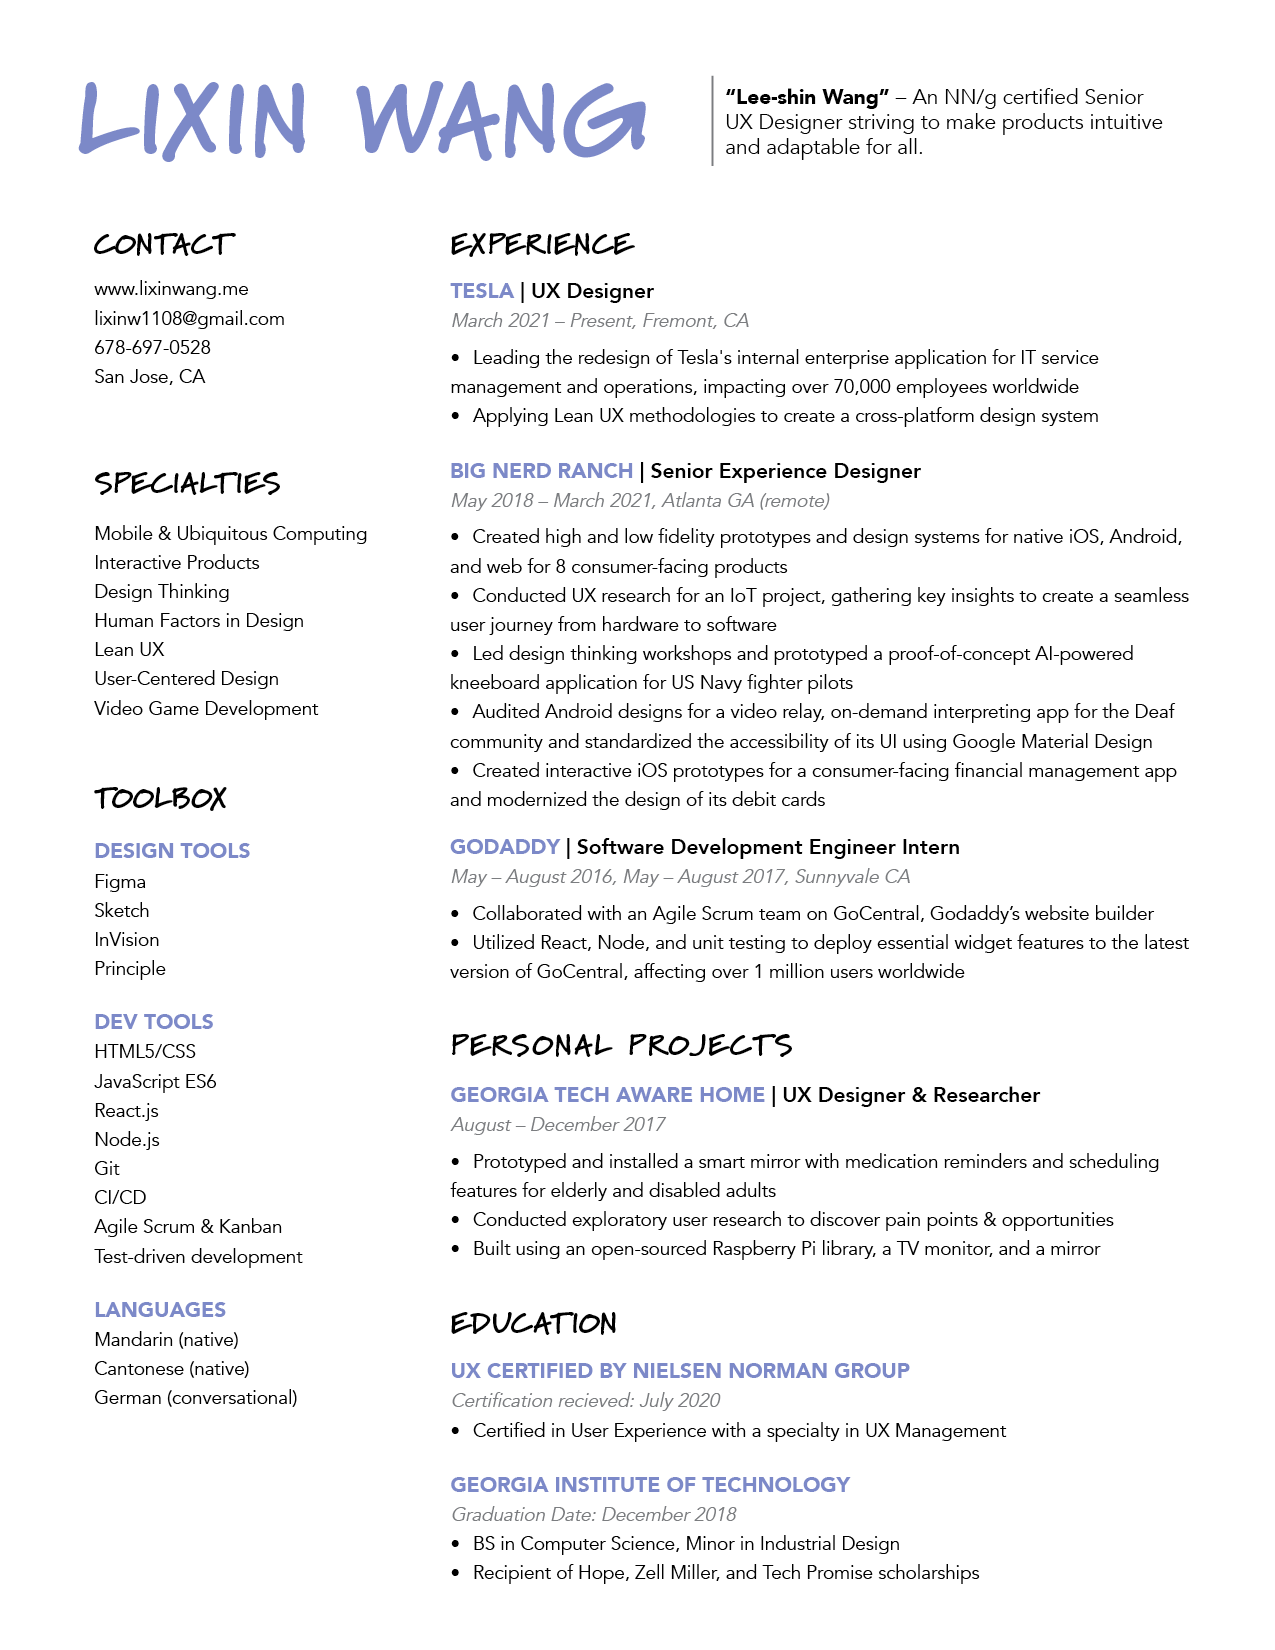 Lixin Wang's resume